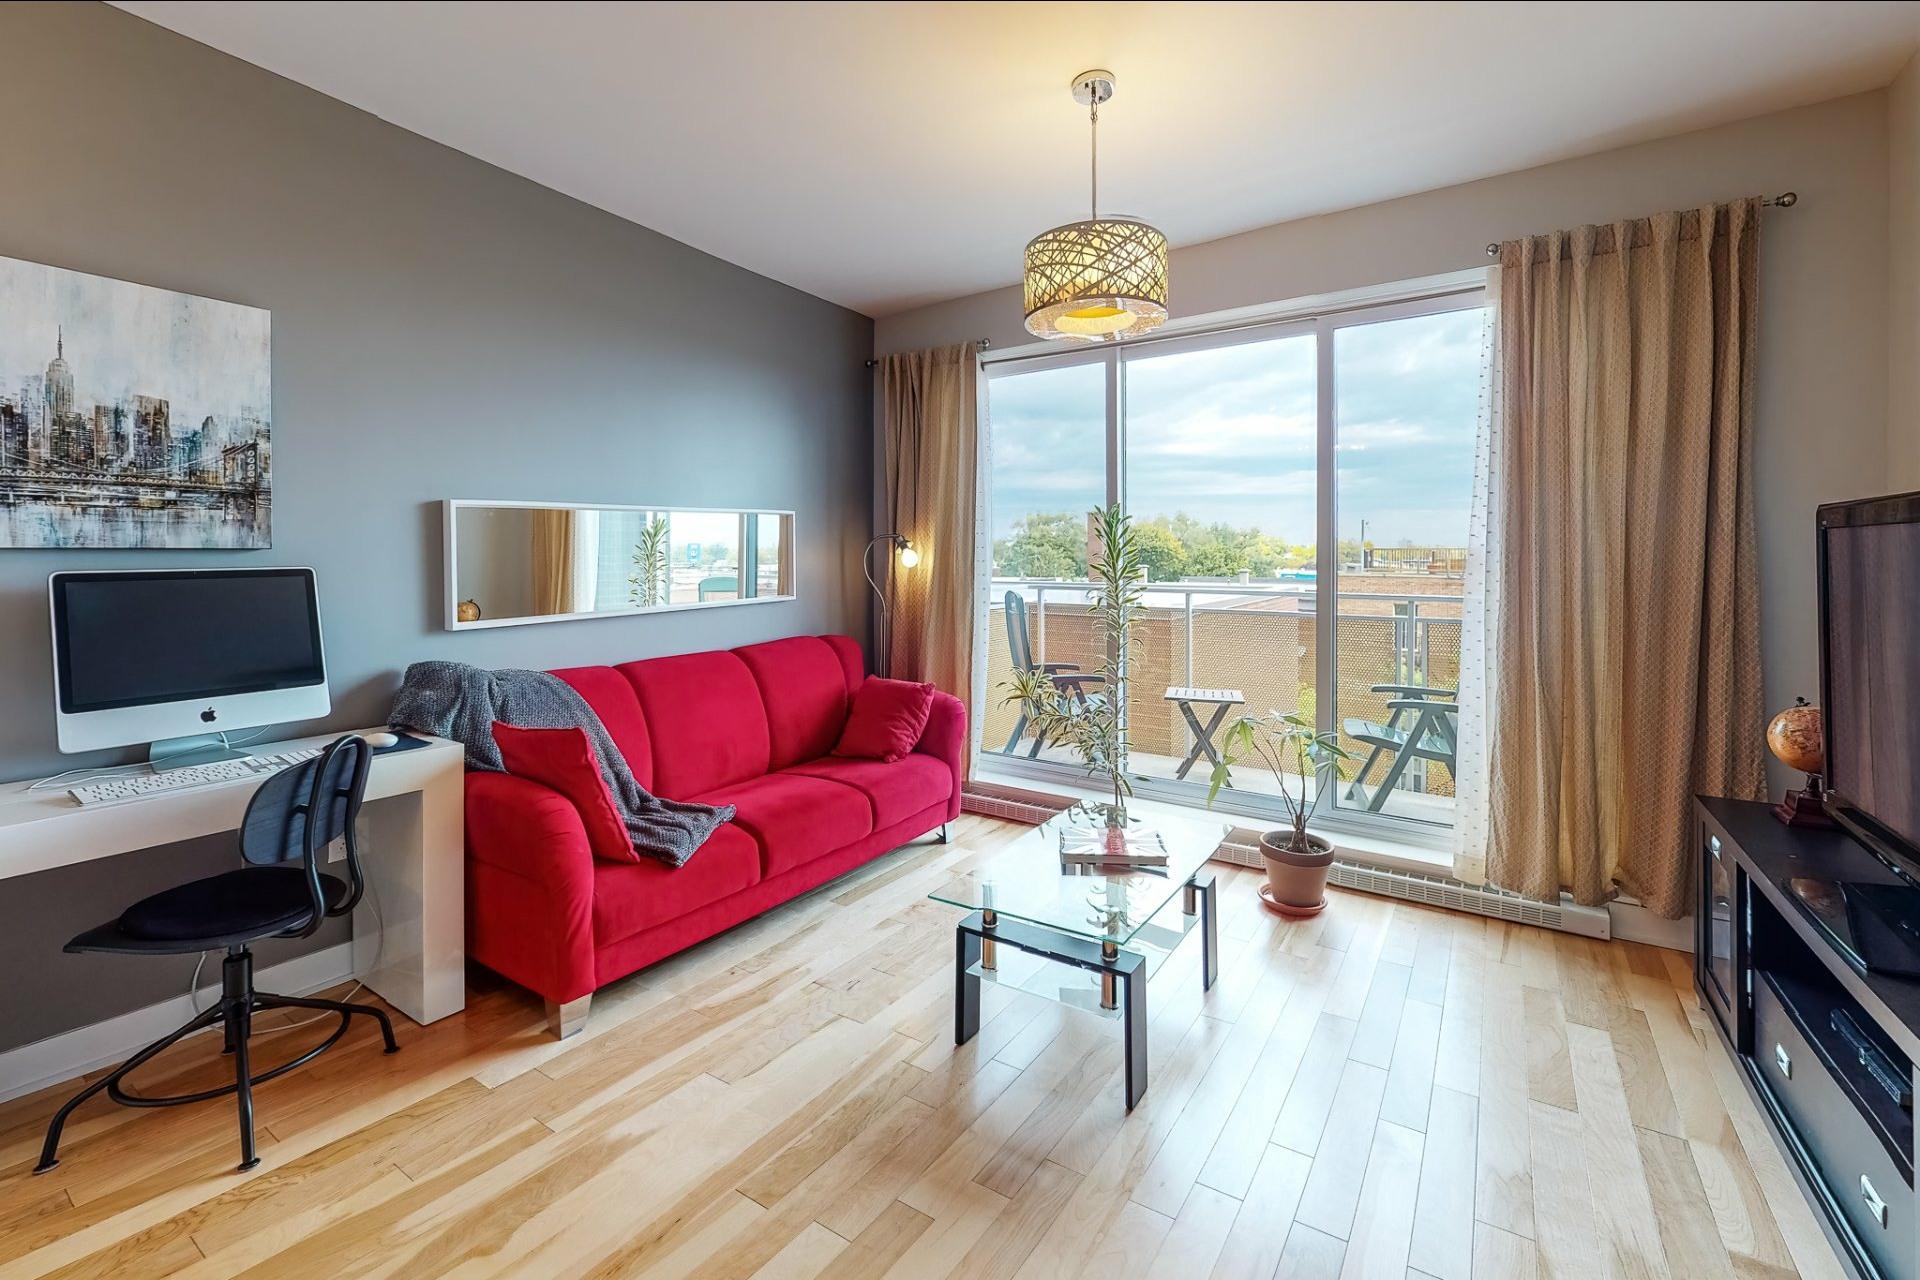 image 2 - Appartement À vendre Rosemont/La Petite-Patrie Montréal  - 3 pièces